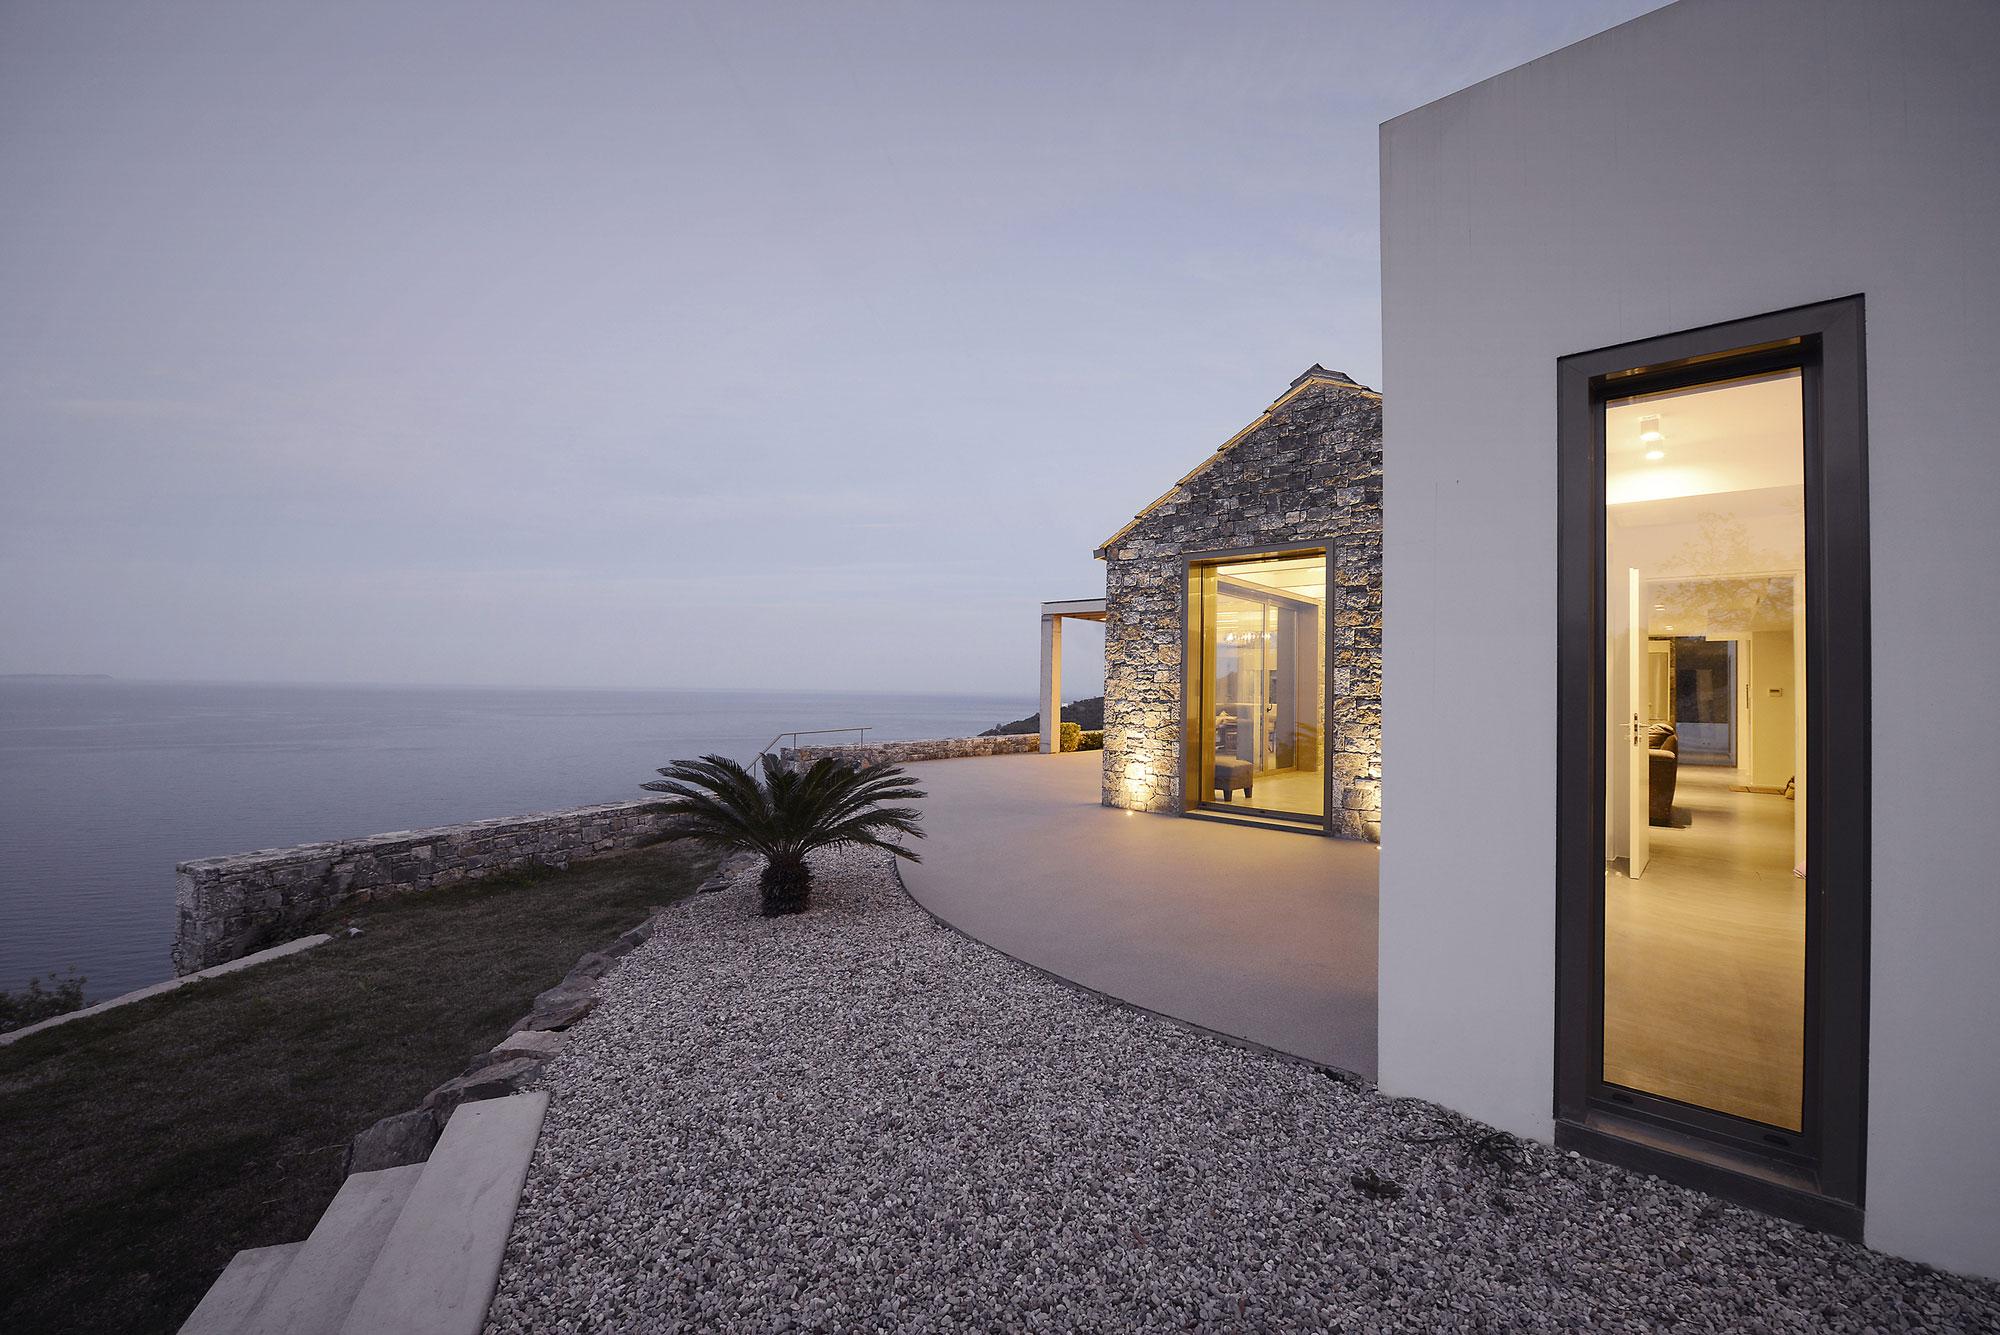 Melana Residence by Valia Foufa & Panagiotis Papassotiriou-11